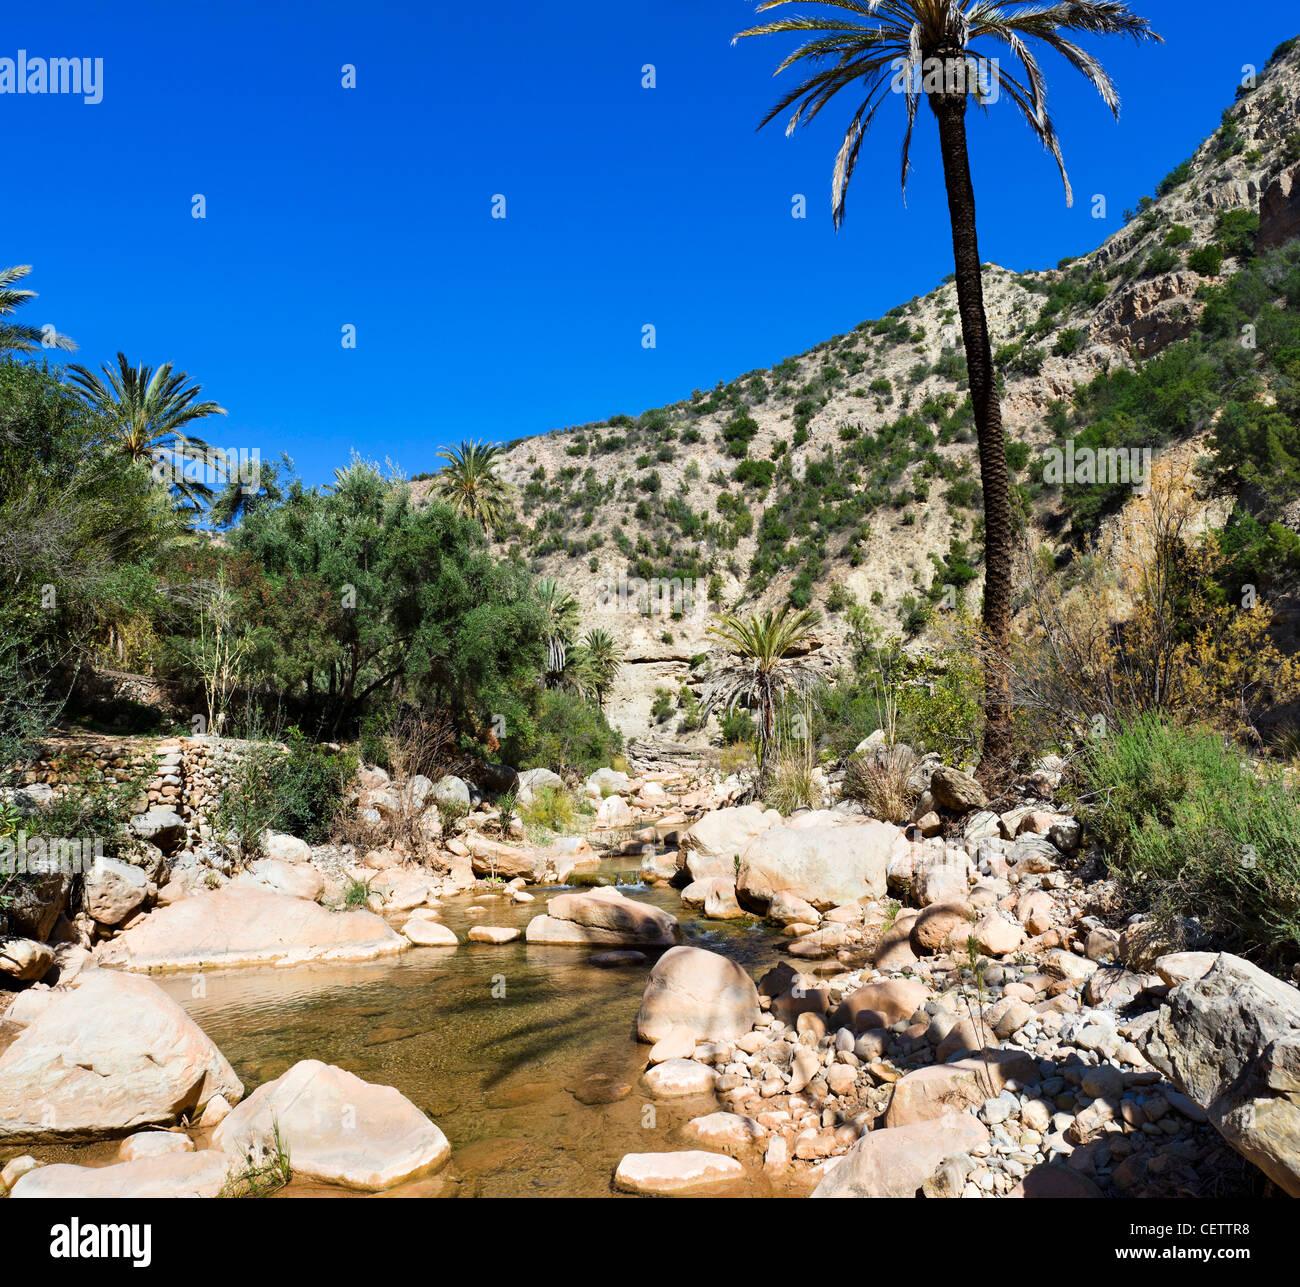 Fiume attraverso la gola in Paradise Valley, a nord di Agadir, Marocco, Africa del Nord Immagini Stock